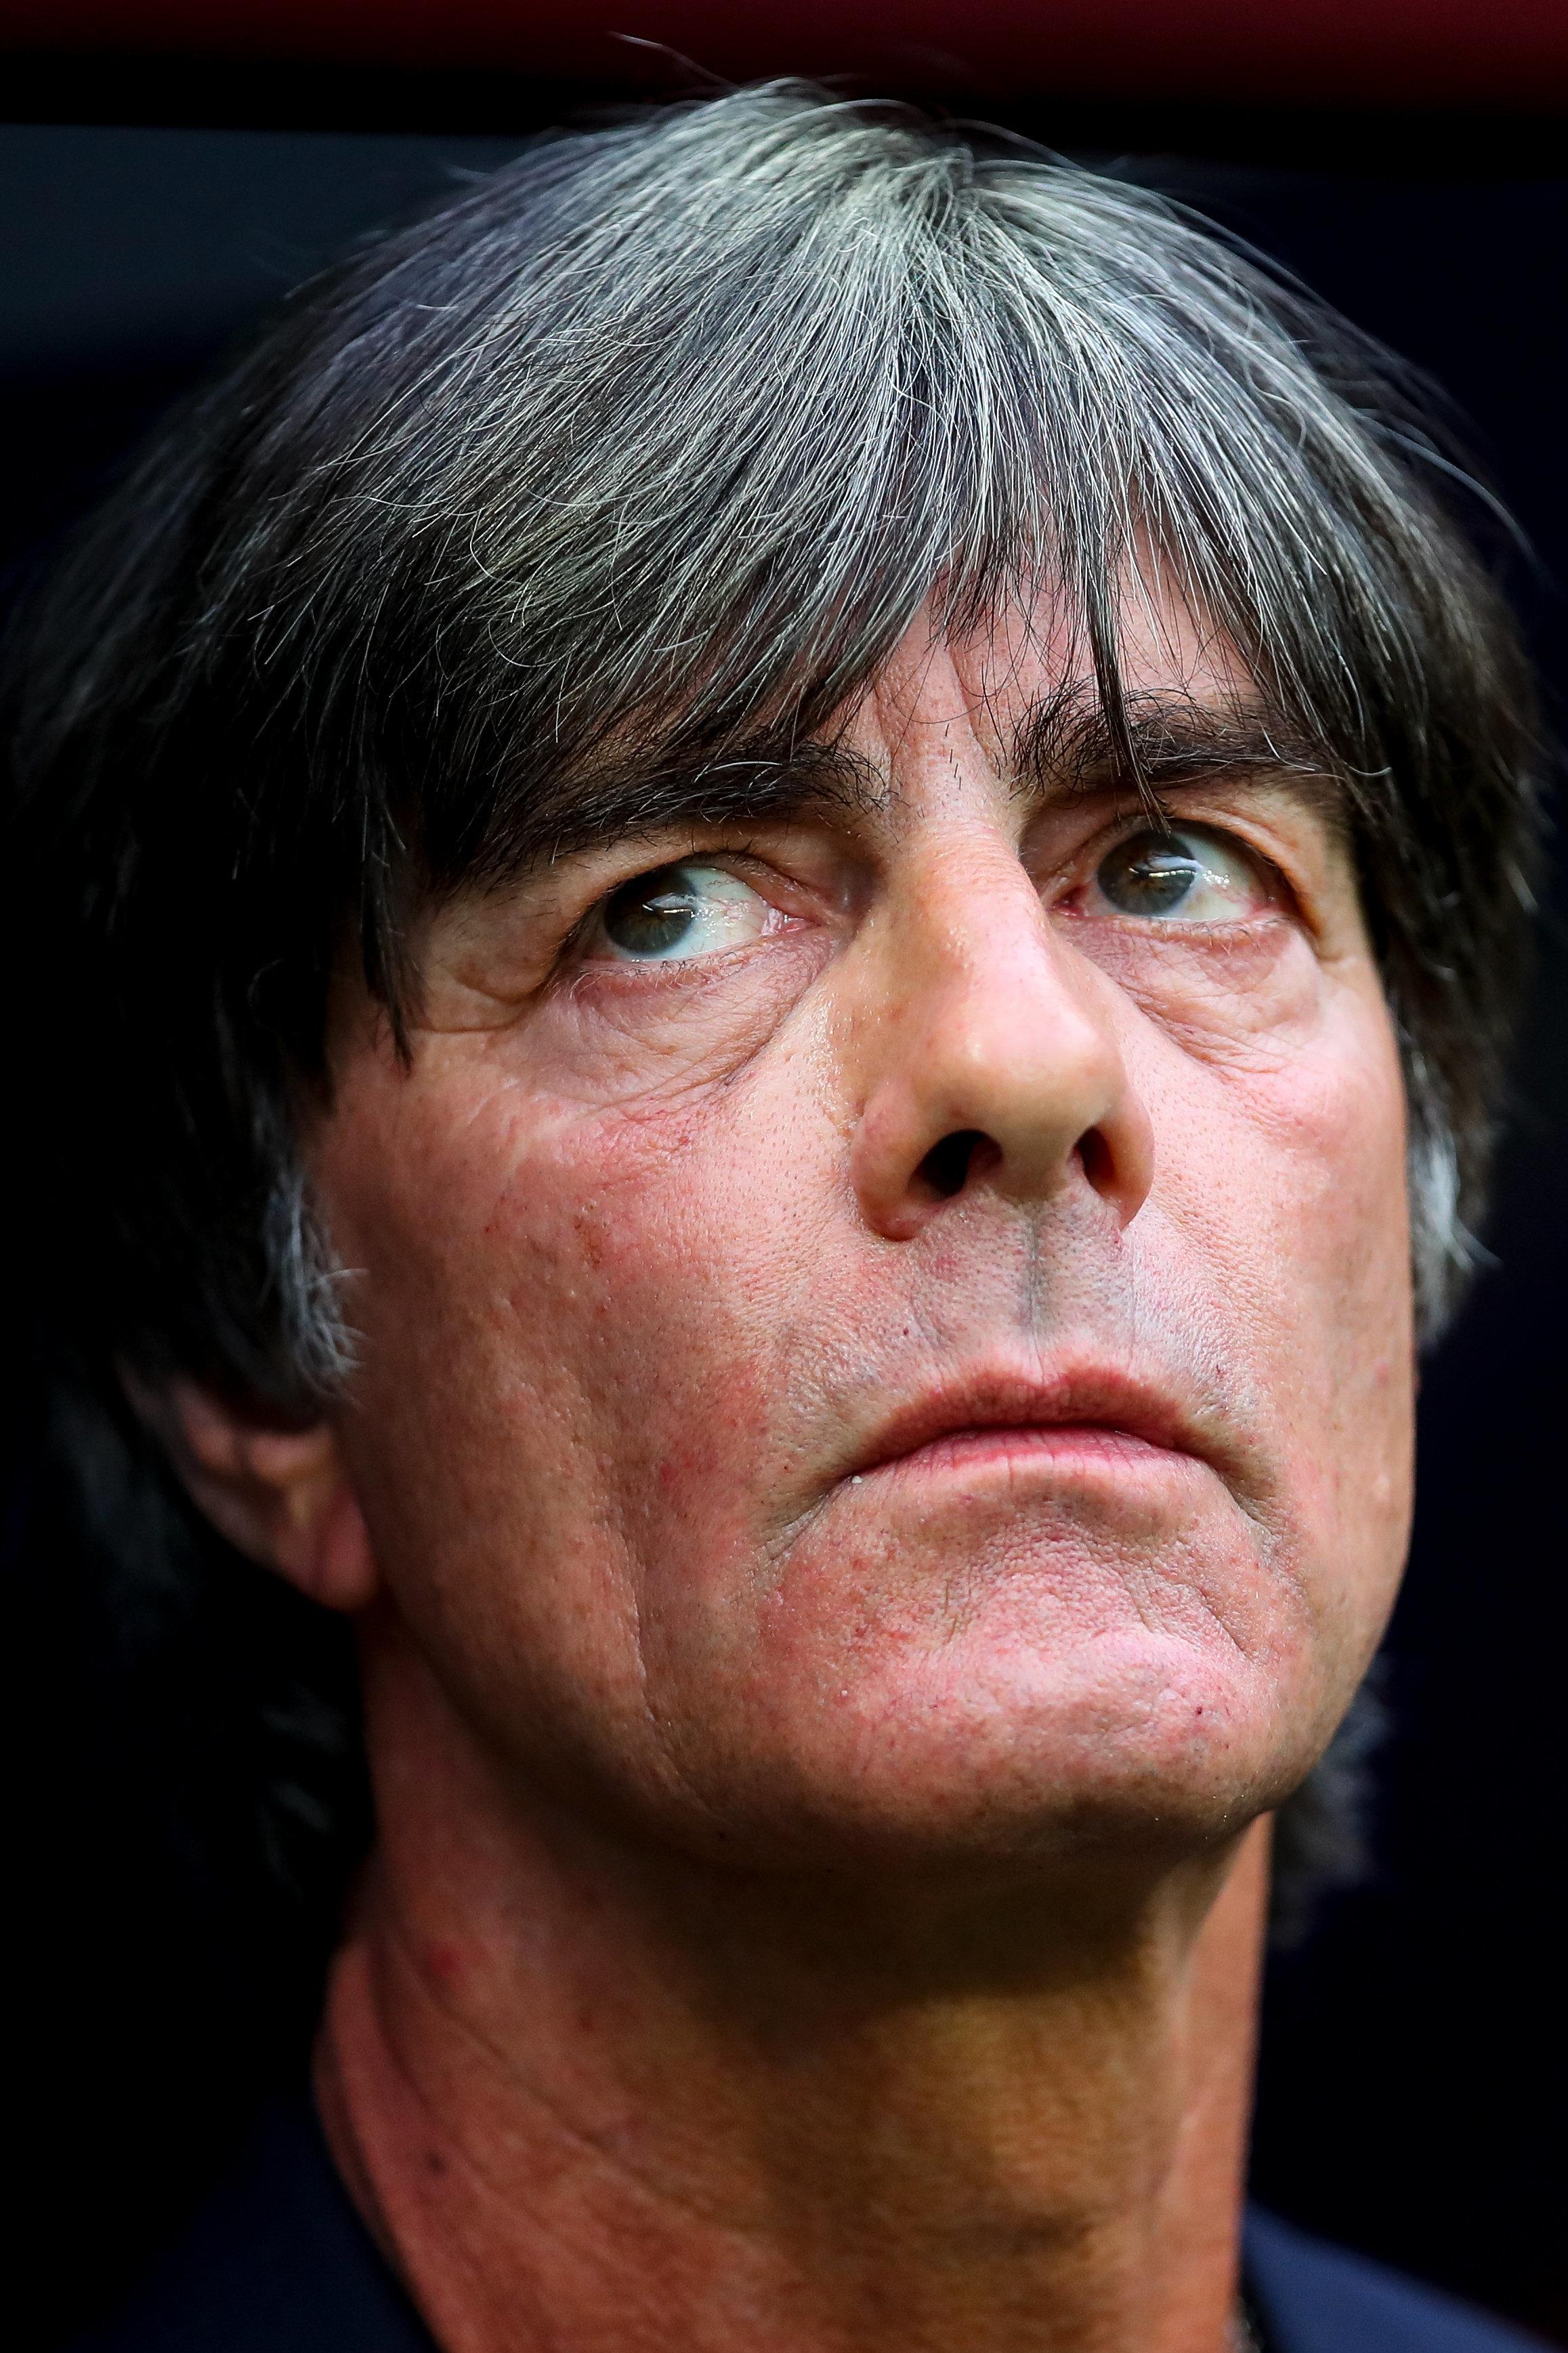 요아힘 뢰프 독일 감독의 패배 인정은 정말